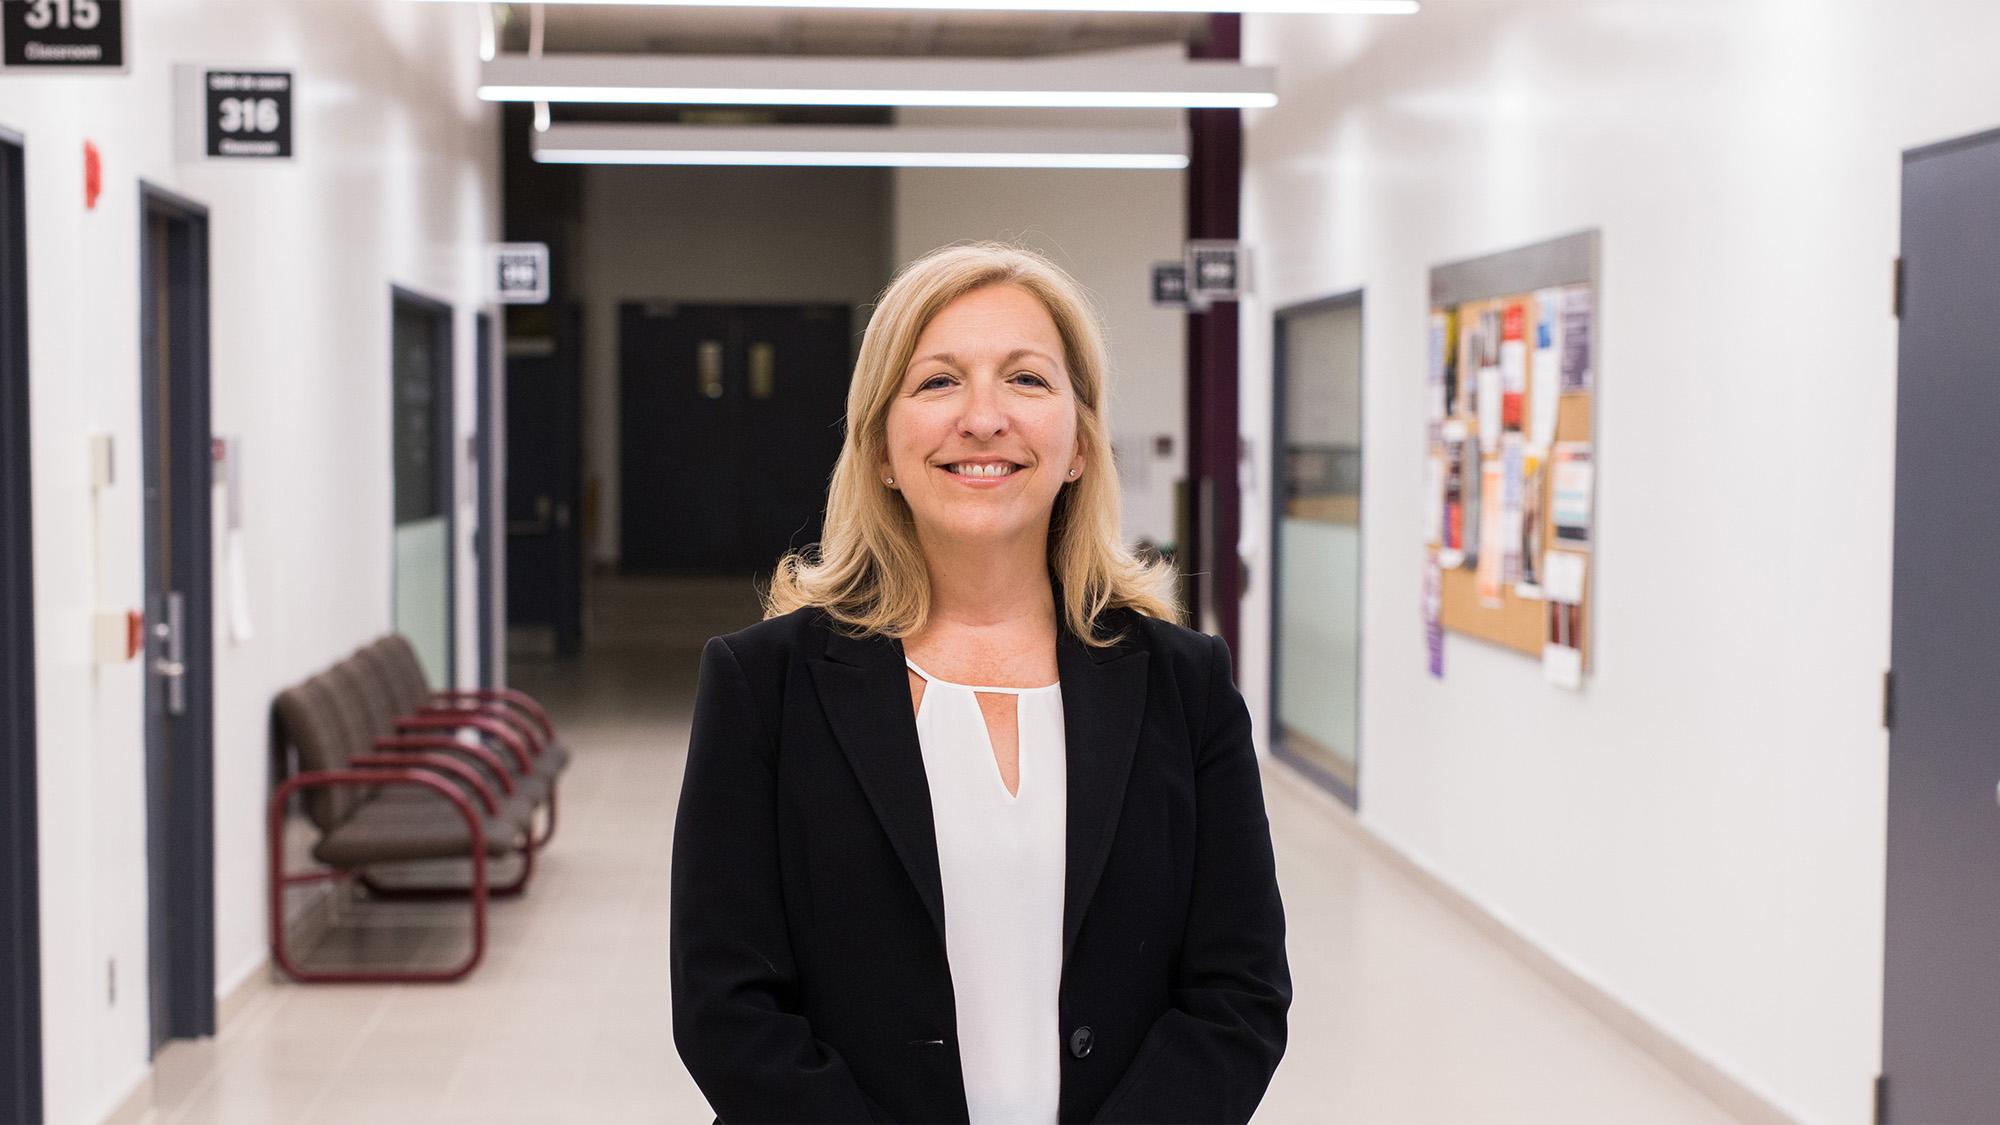 Michelle Giroux in a hallway